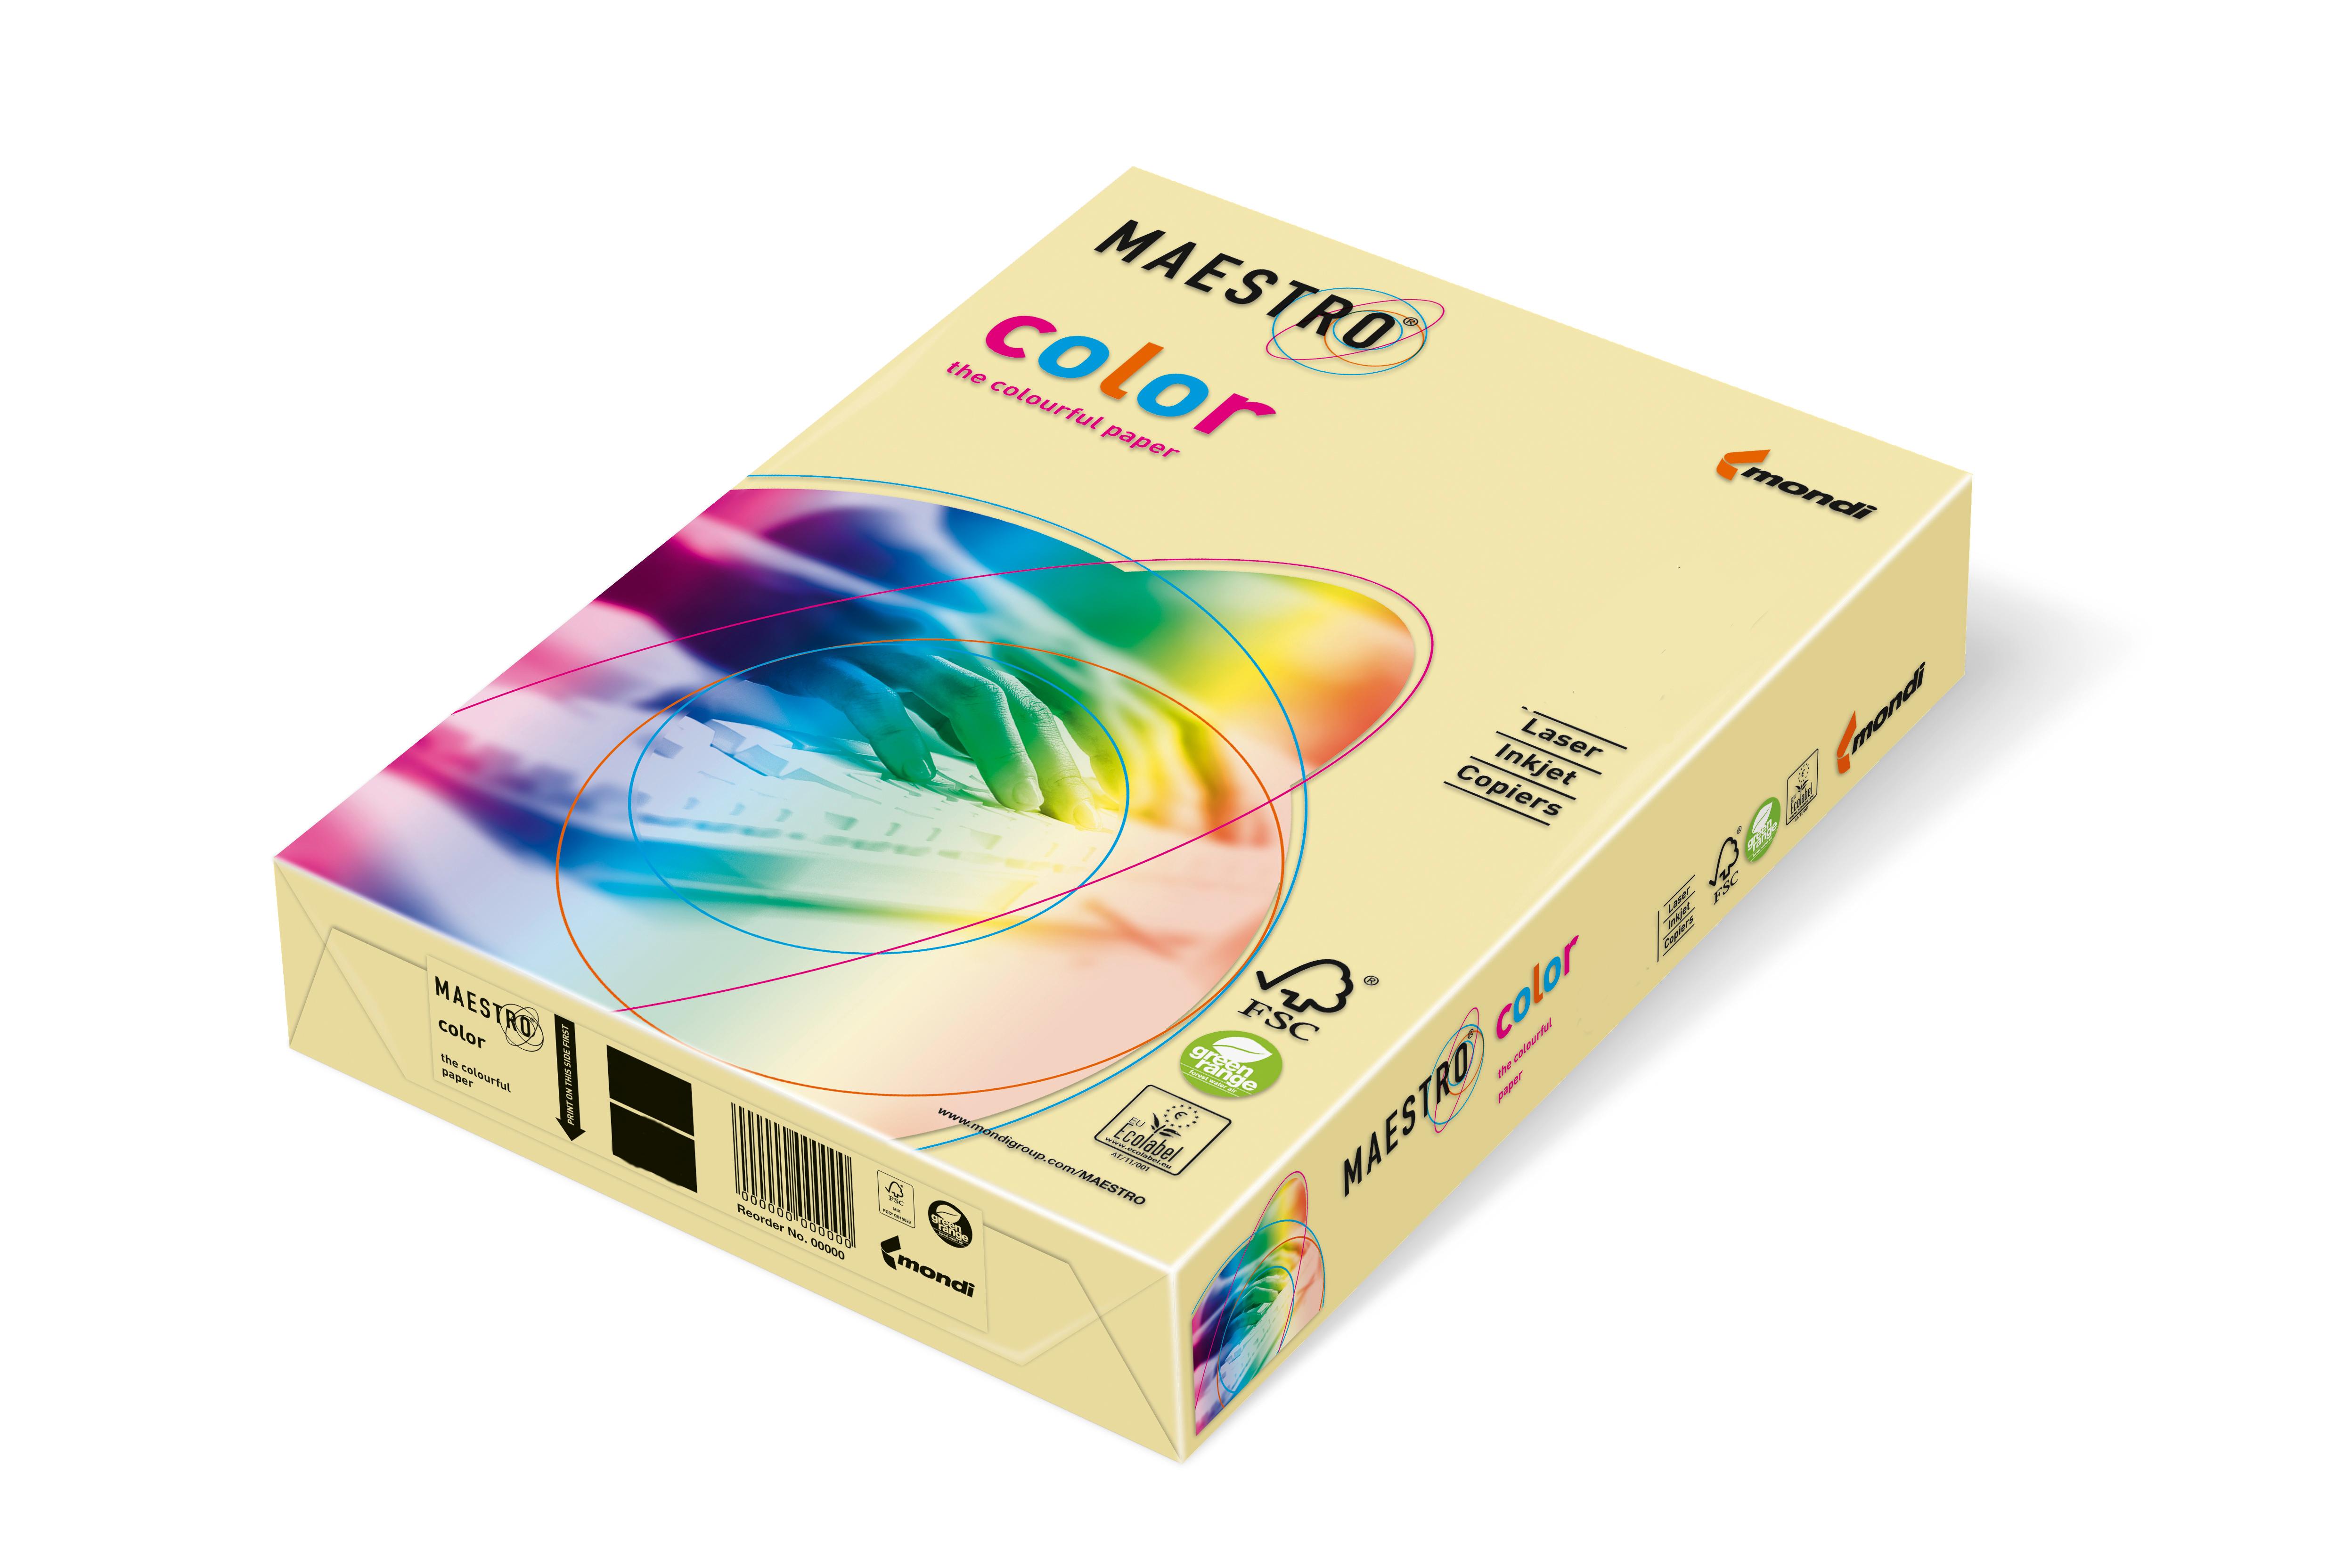 Vorschau: Mondi Maestro Color vanille 80g/m² DIN-A4 - 500 Blatt BE66